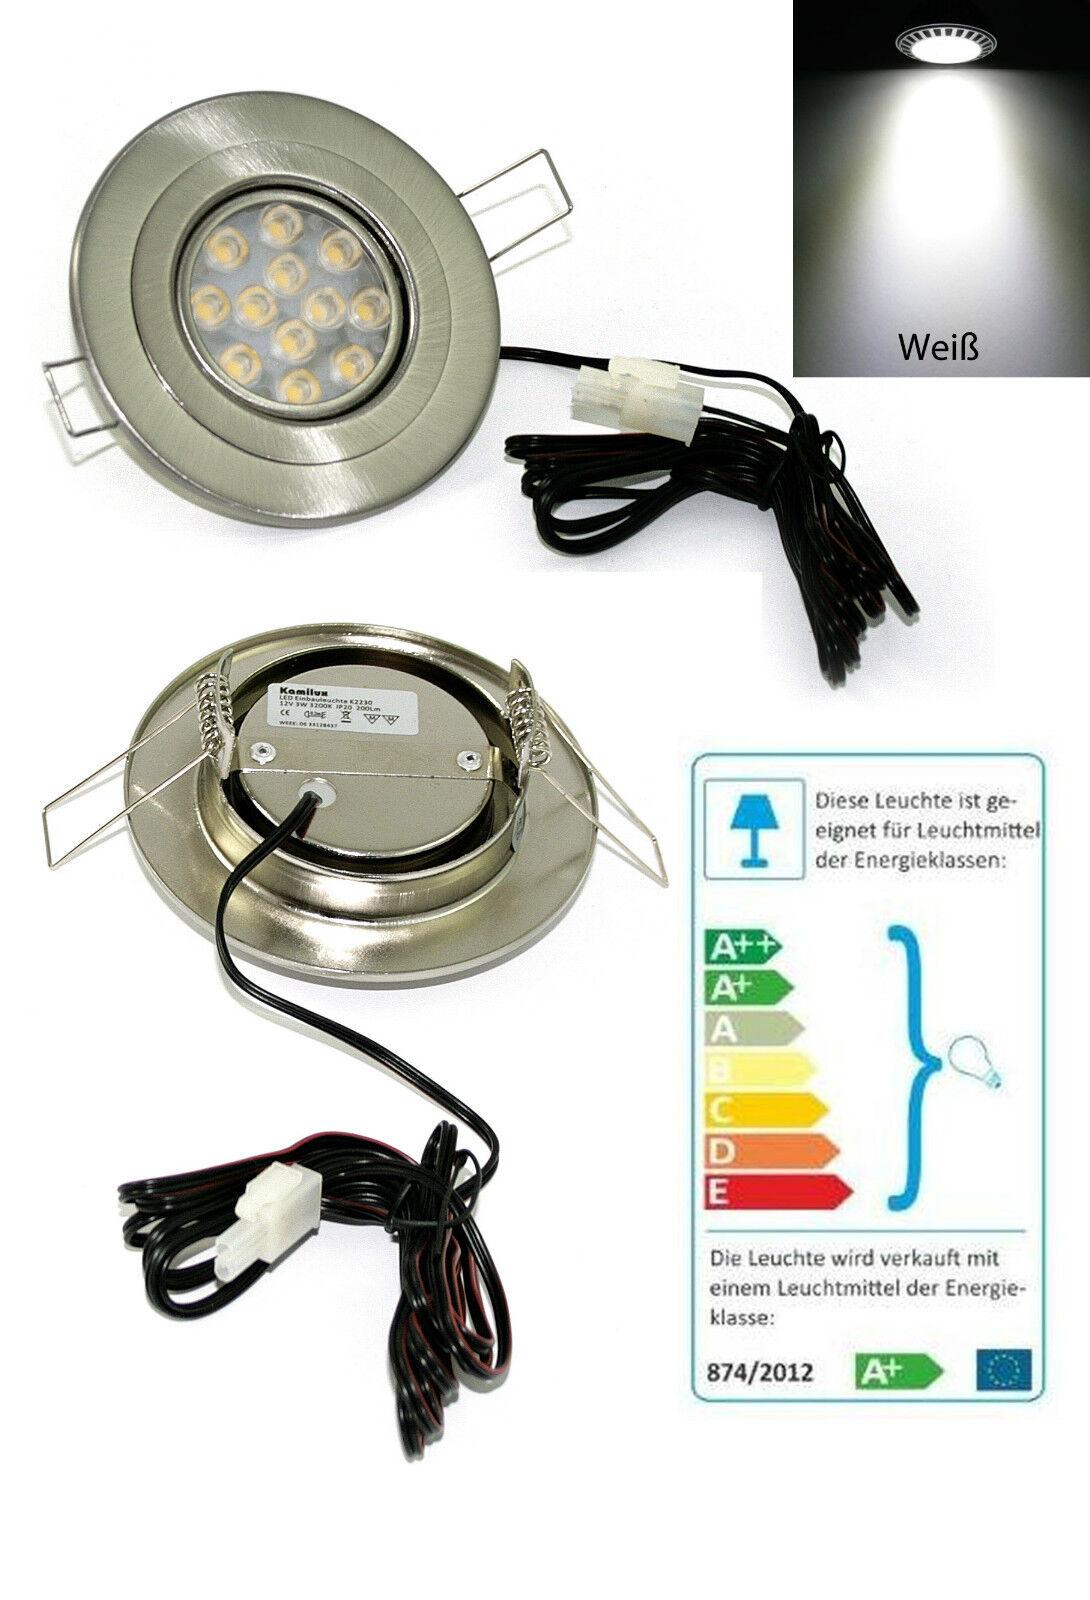 Flache LED Möbelspot 12V Eli 3W =25W Kaltweiss geringe ET 1,5m Kabel